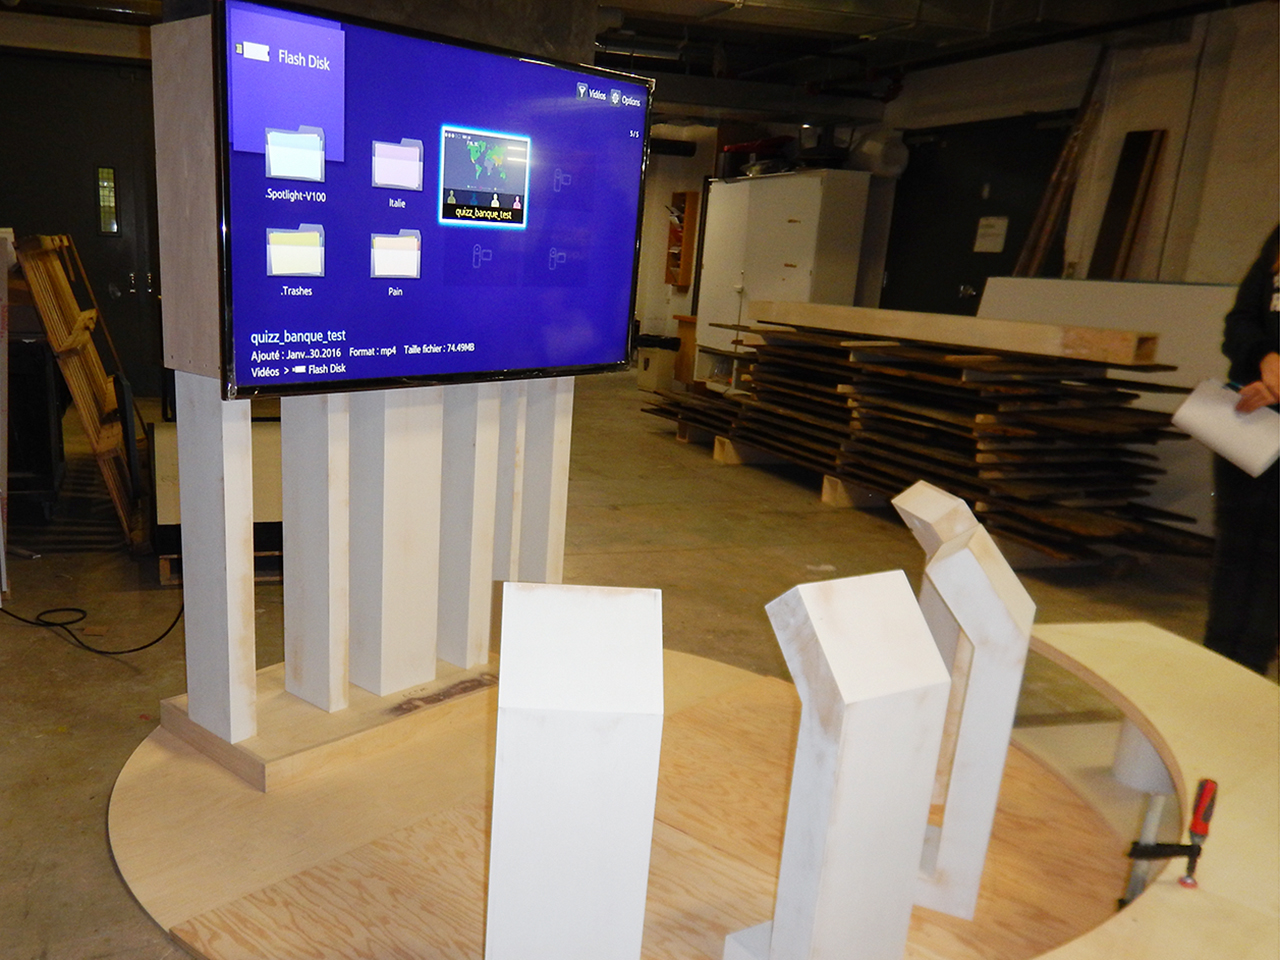 constructions en bois et grand écran dans un atelier